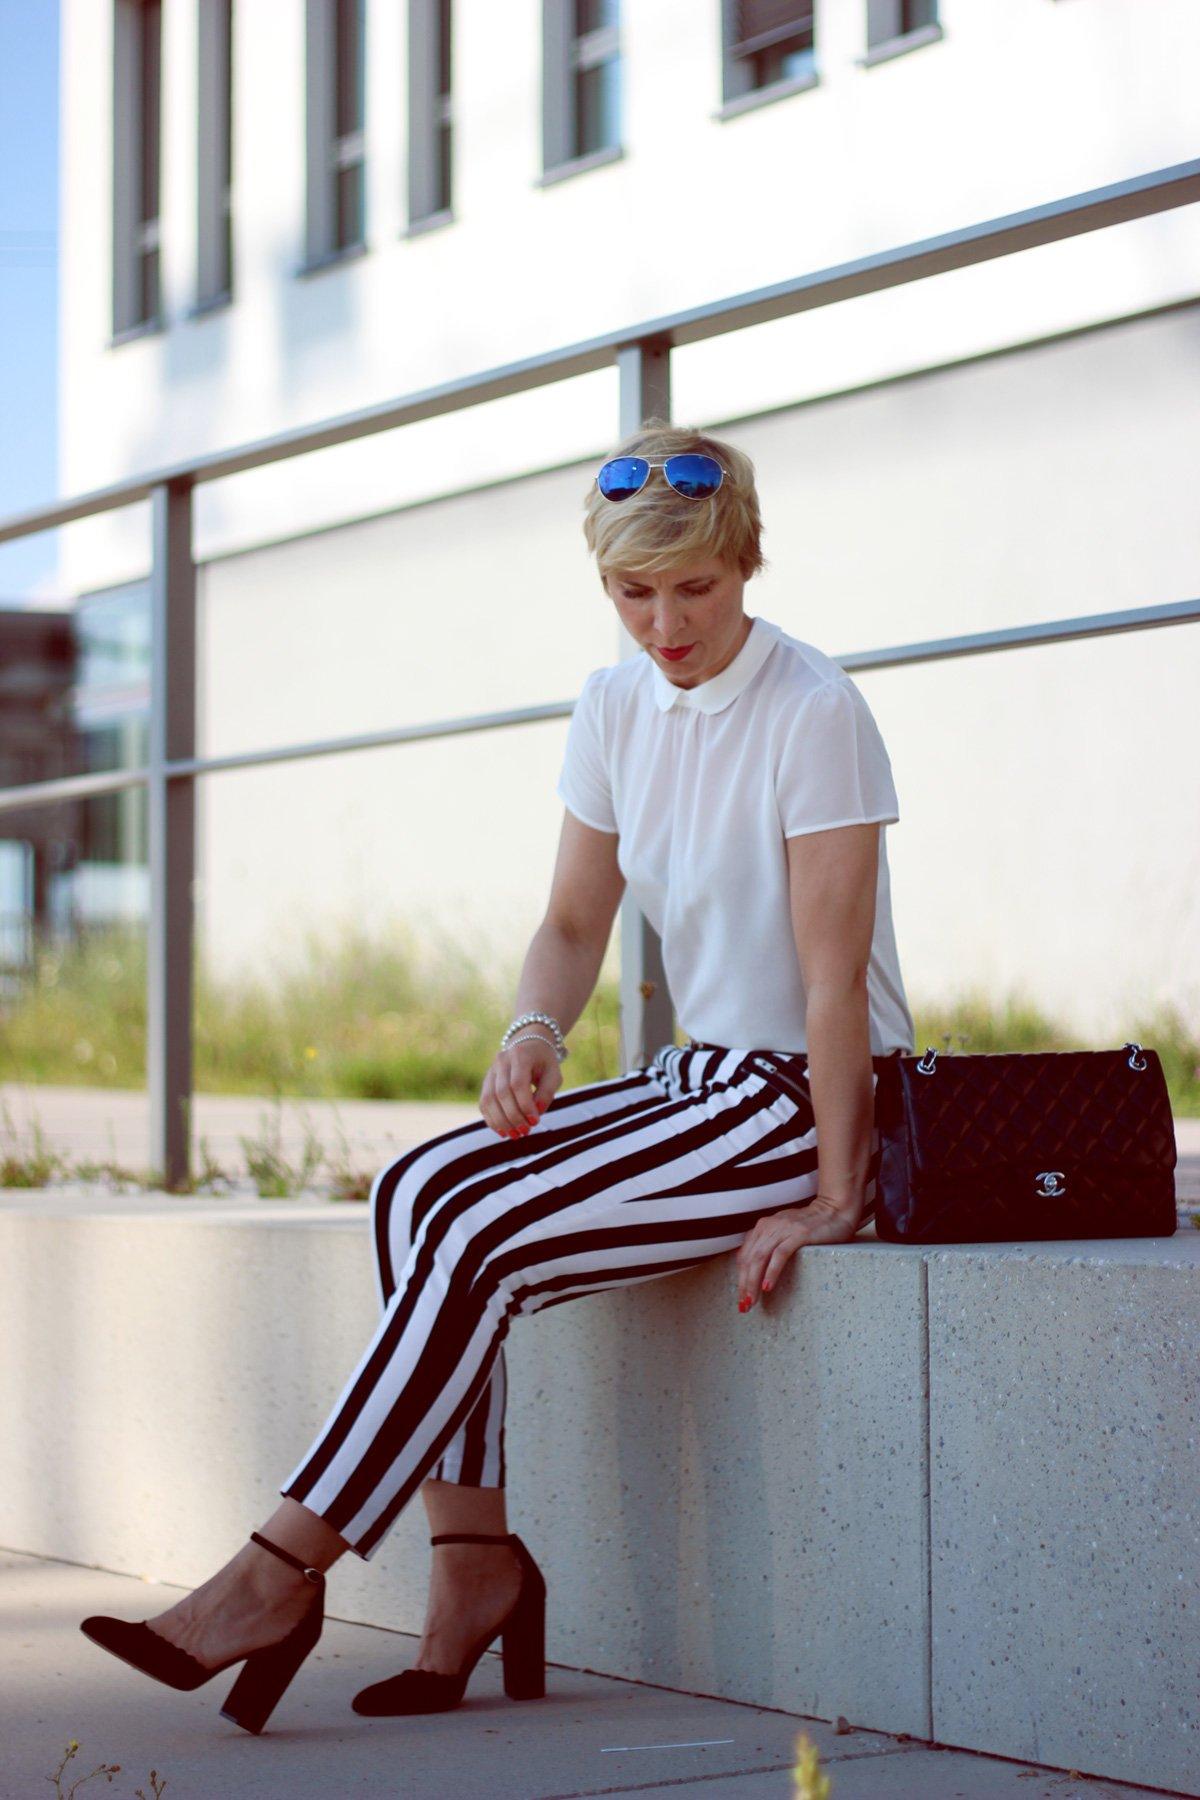 Conny-Doll-Lifestyle: gestreifte Hose in schwarz-weiß, Seidenbluse, Bubikragen